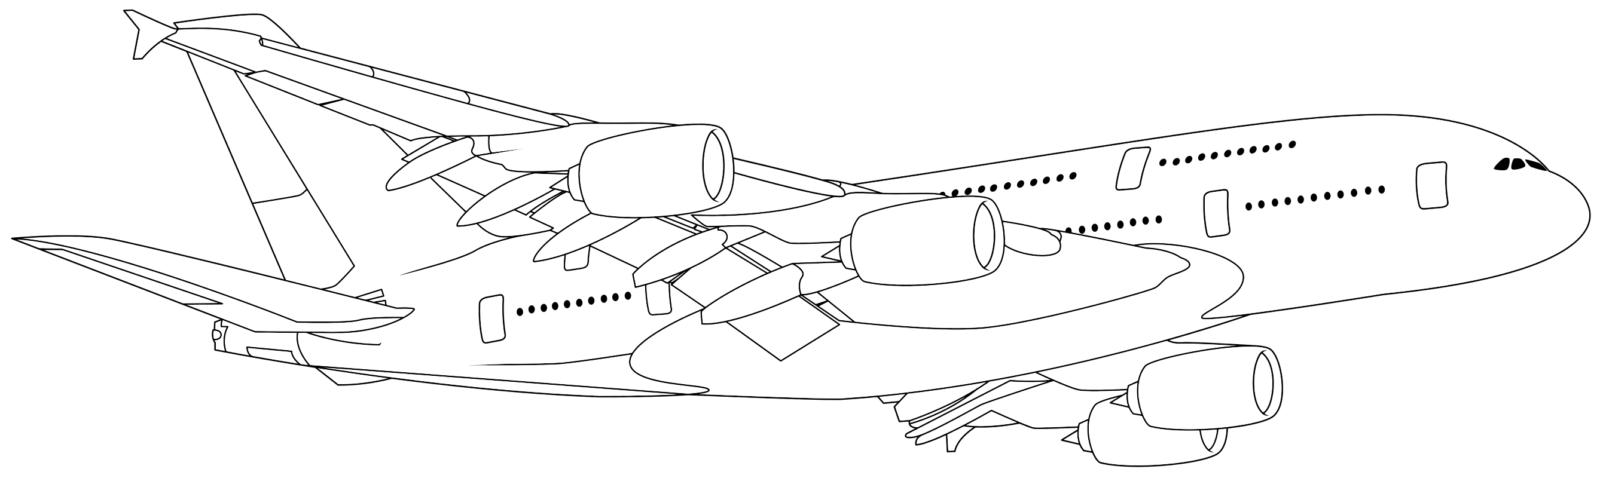 Раскраска самолёт пассажирский